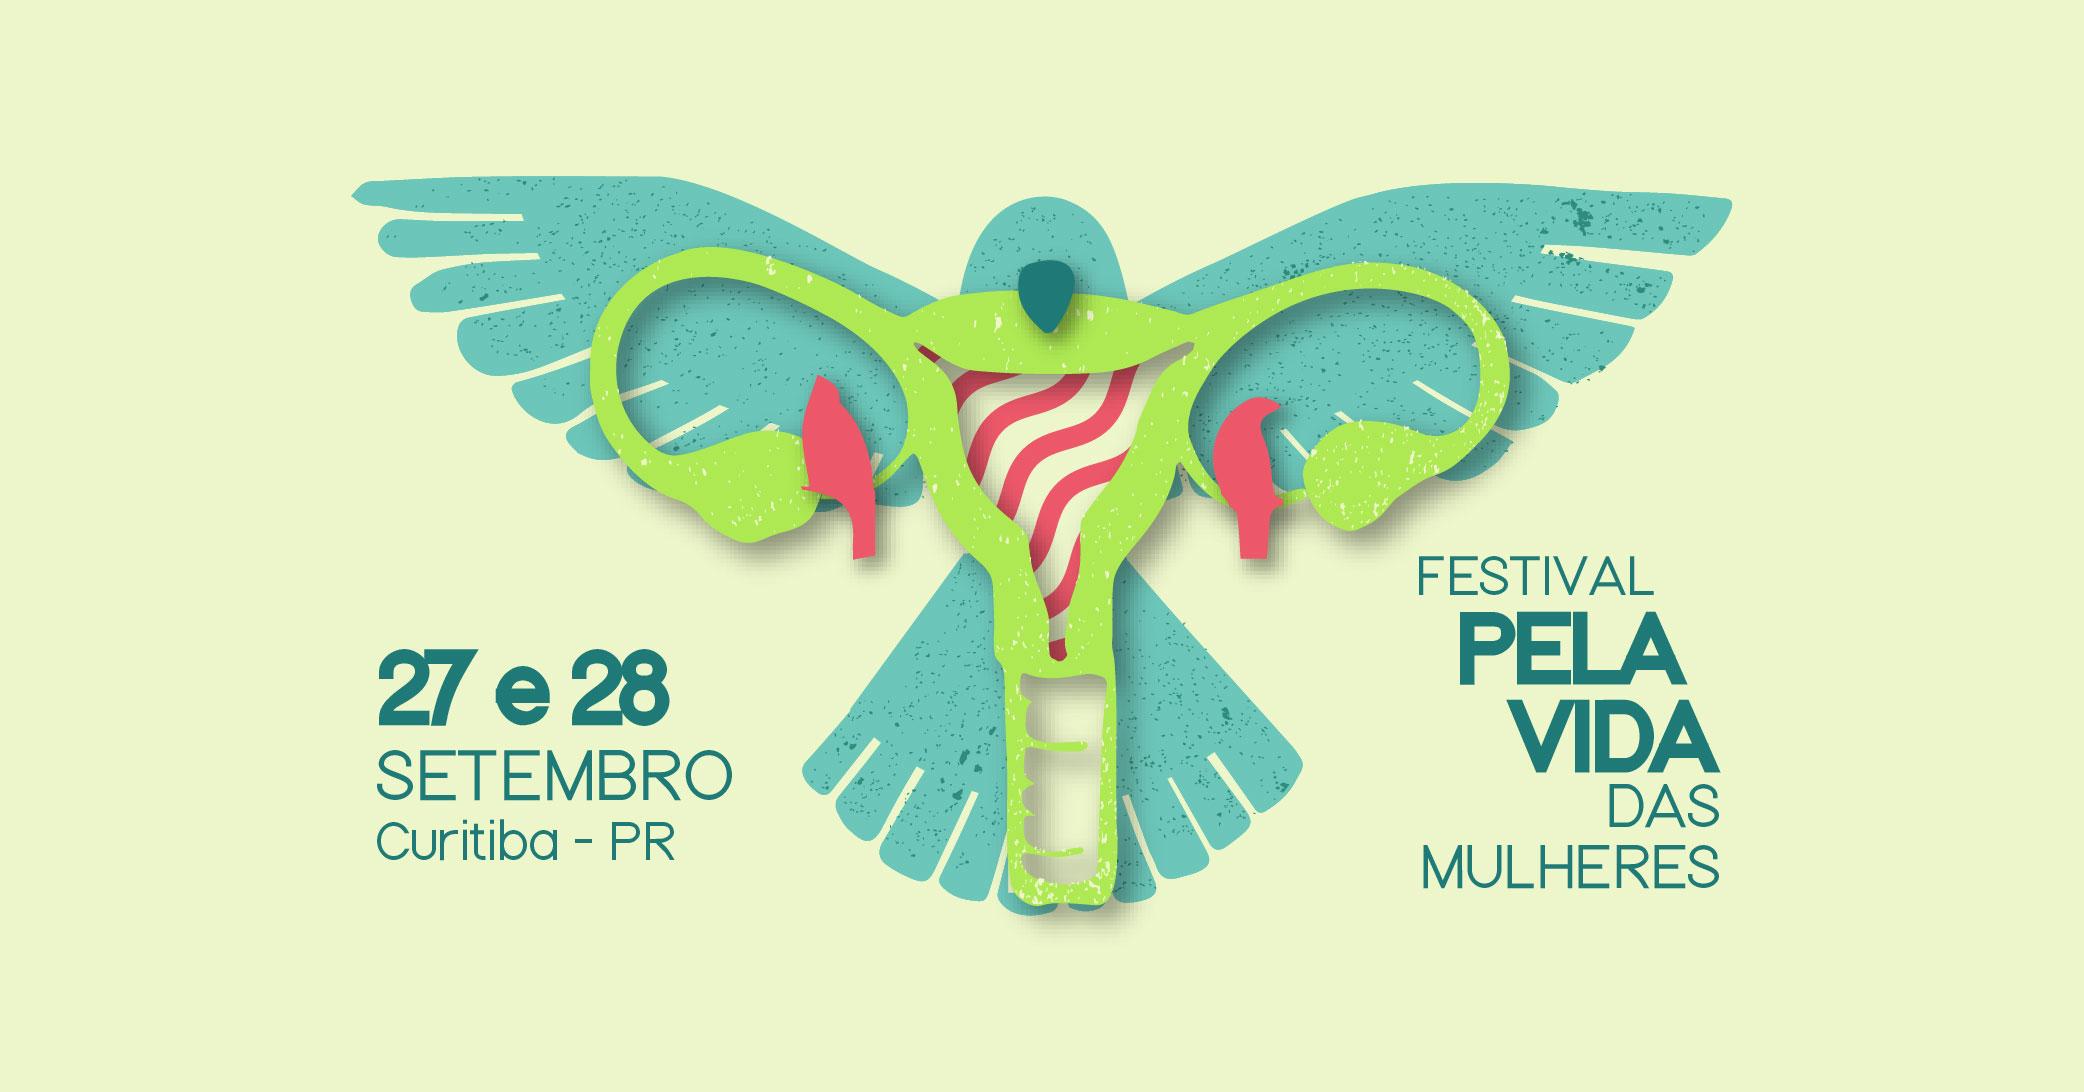 Festival Pela Vida das Mulheres ocorre até amanhã (28) em Curitiba